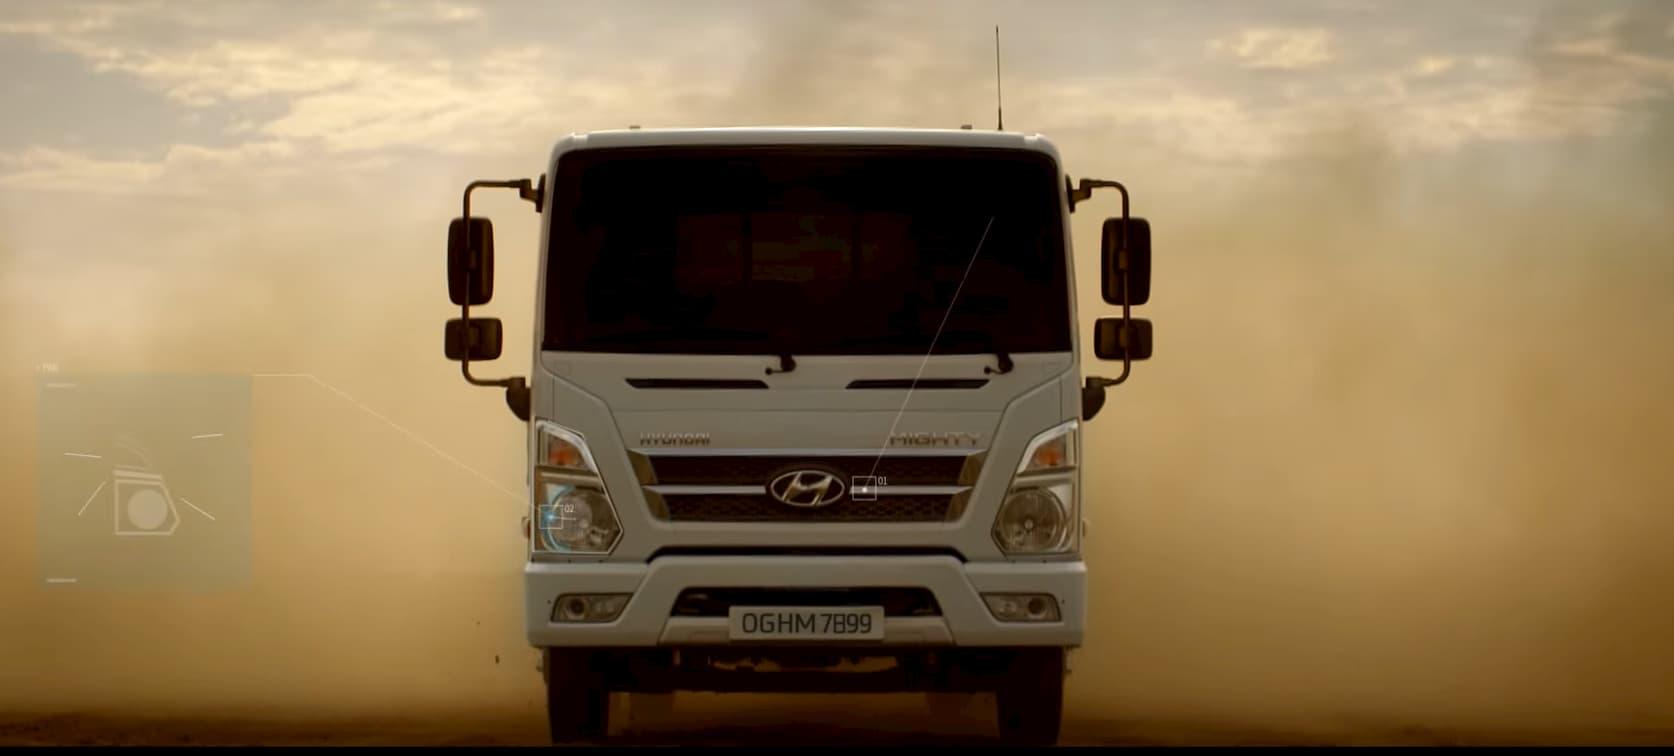 Dòng xe tải Hyundai EX mới sẽ được thương mại hóa tại Việt Nam